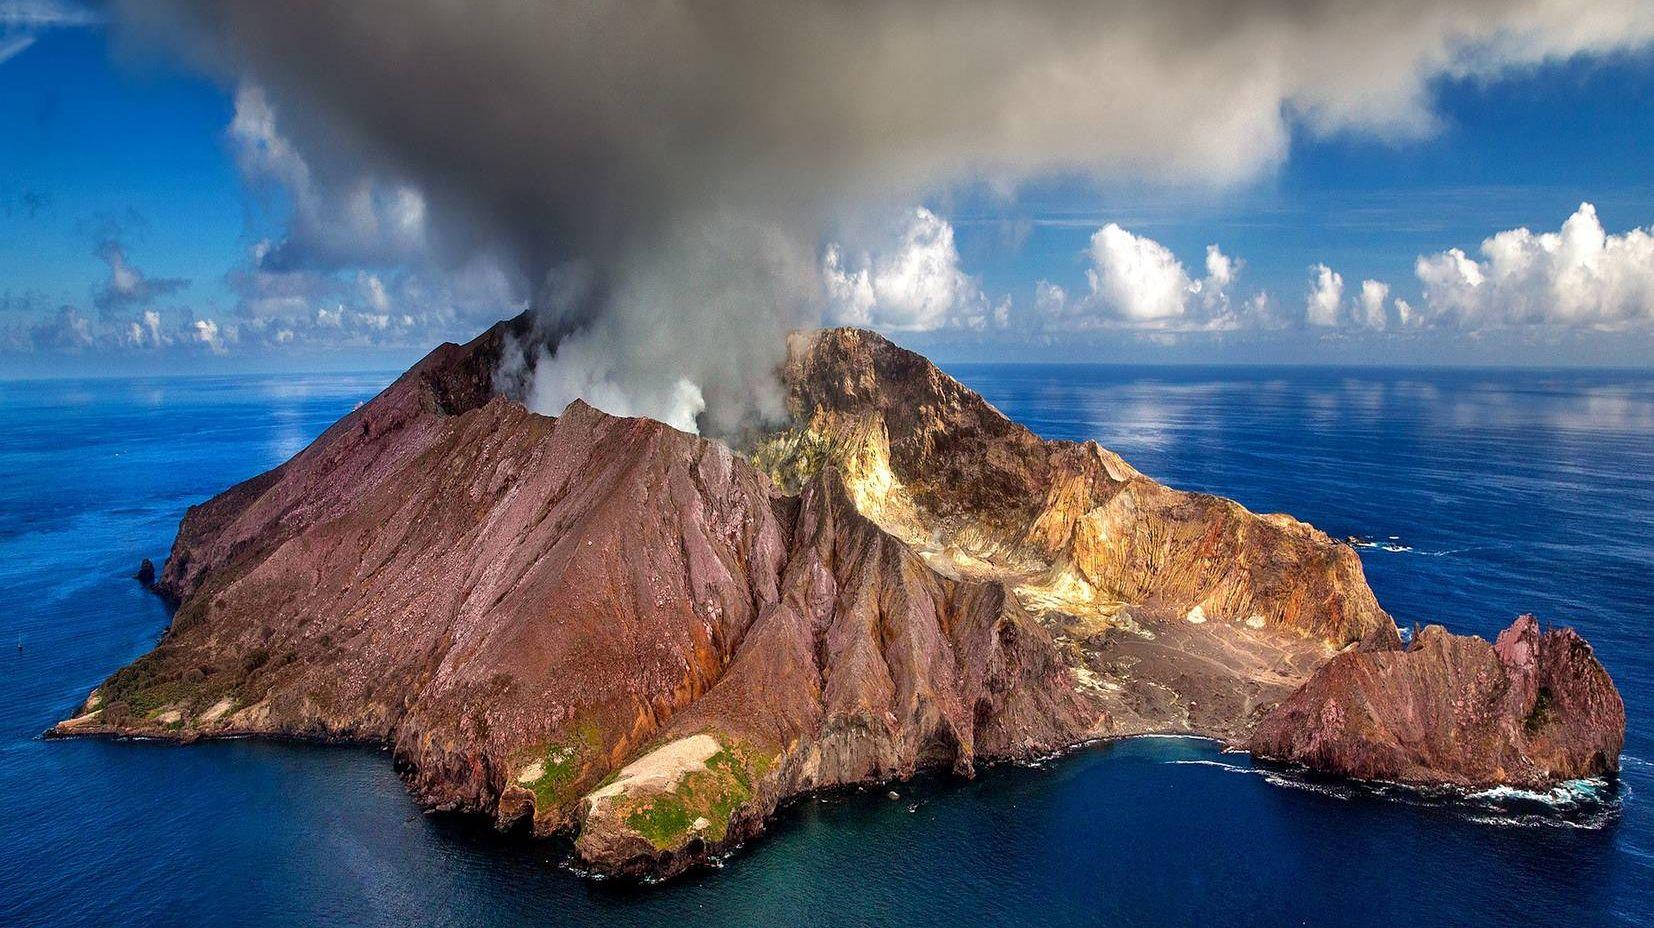 Вулканический остров Уайт-Айленд. Новая Зеландия